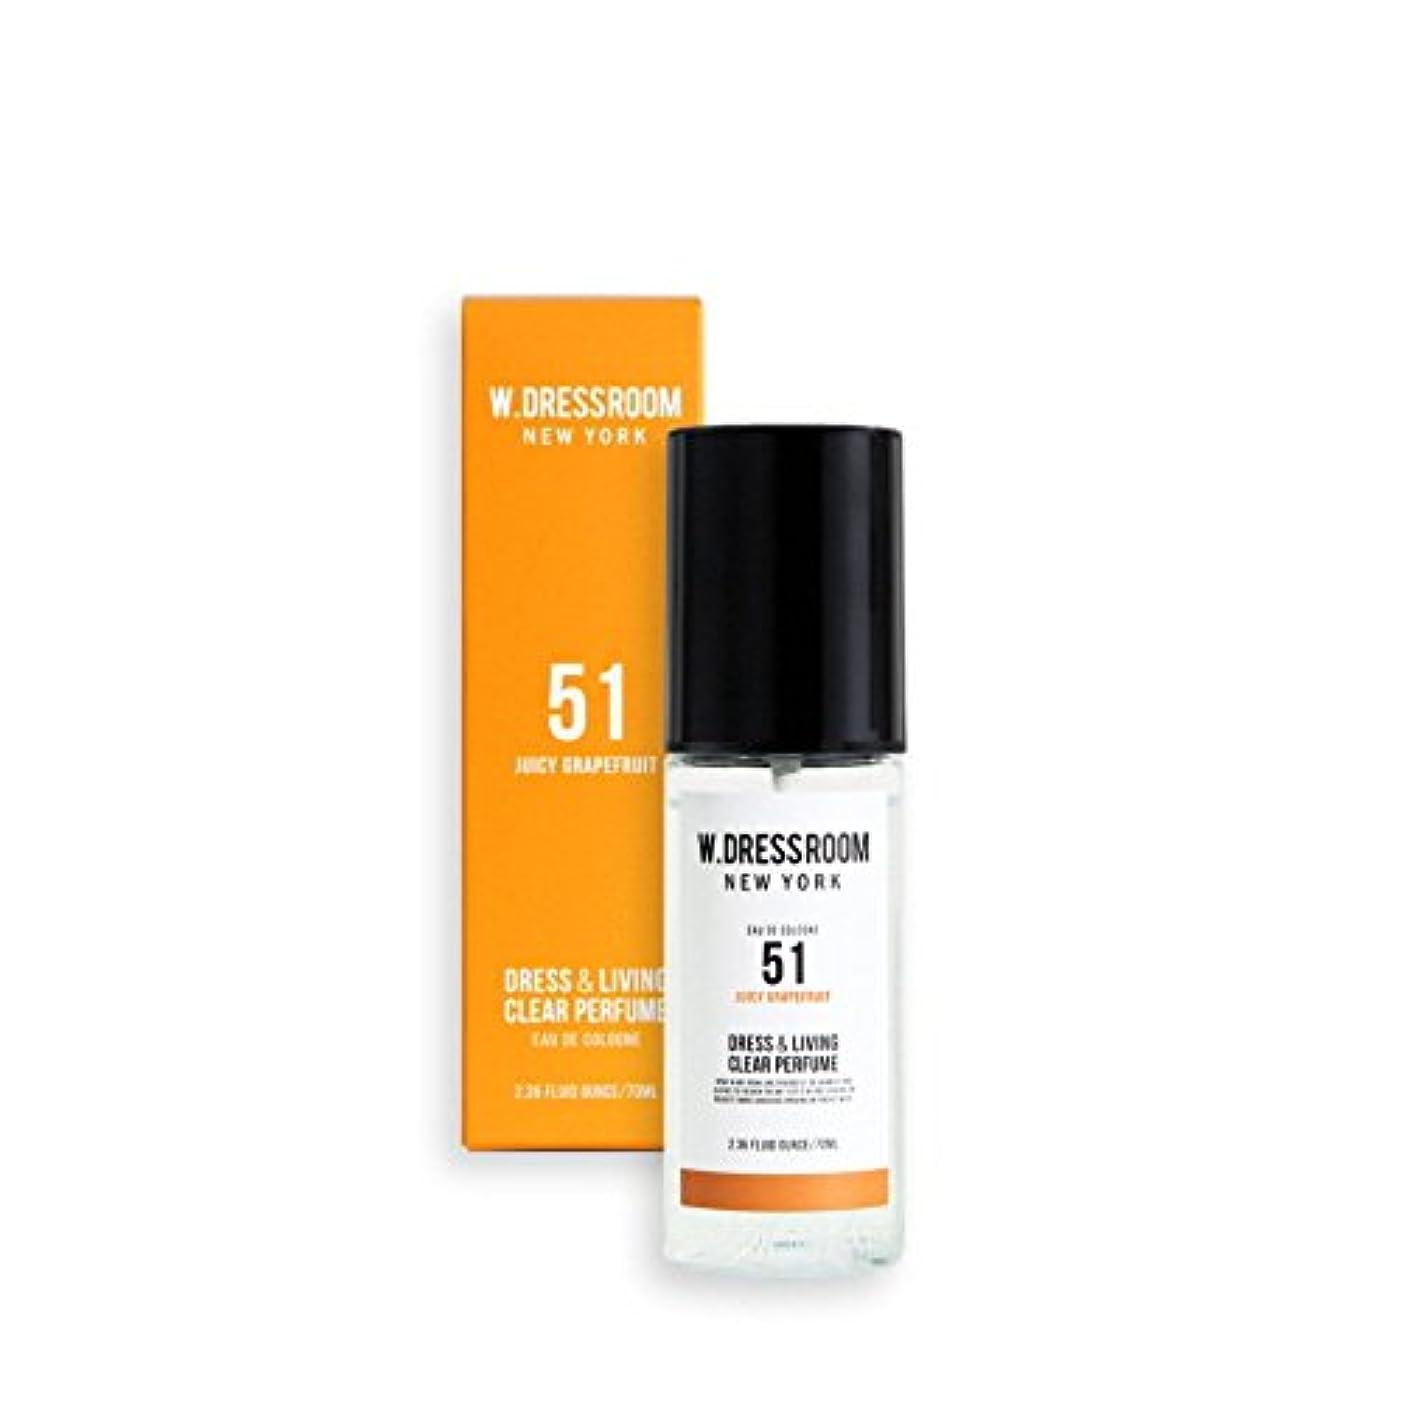 乳トレーニング委託W.DRESSROOM Dress & Living Clear Perfume fragrance 70ml (#No.51 Juicy Grapefruit)/ダブルドレスルーム ドレス&リビング クリア パフューム...